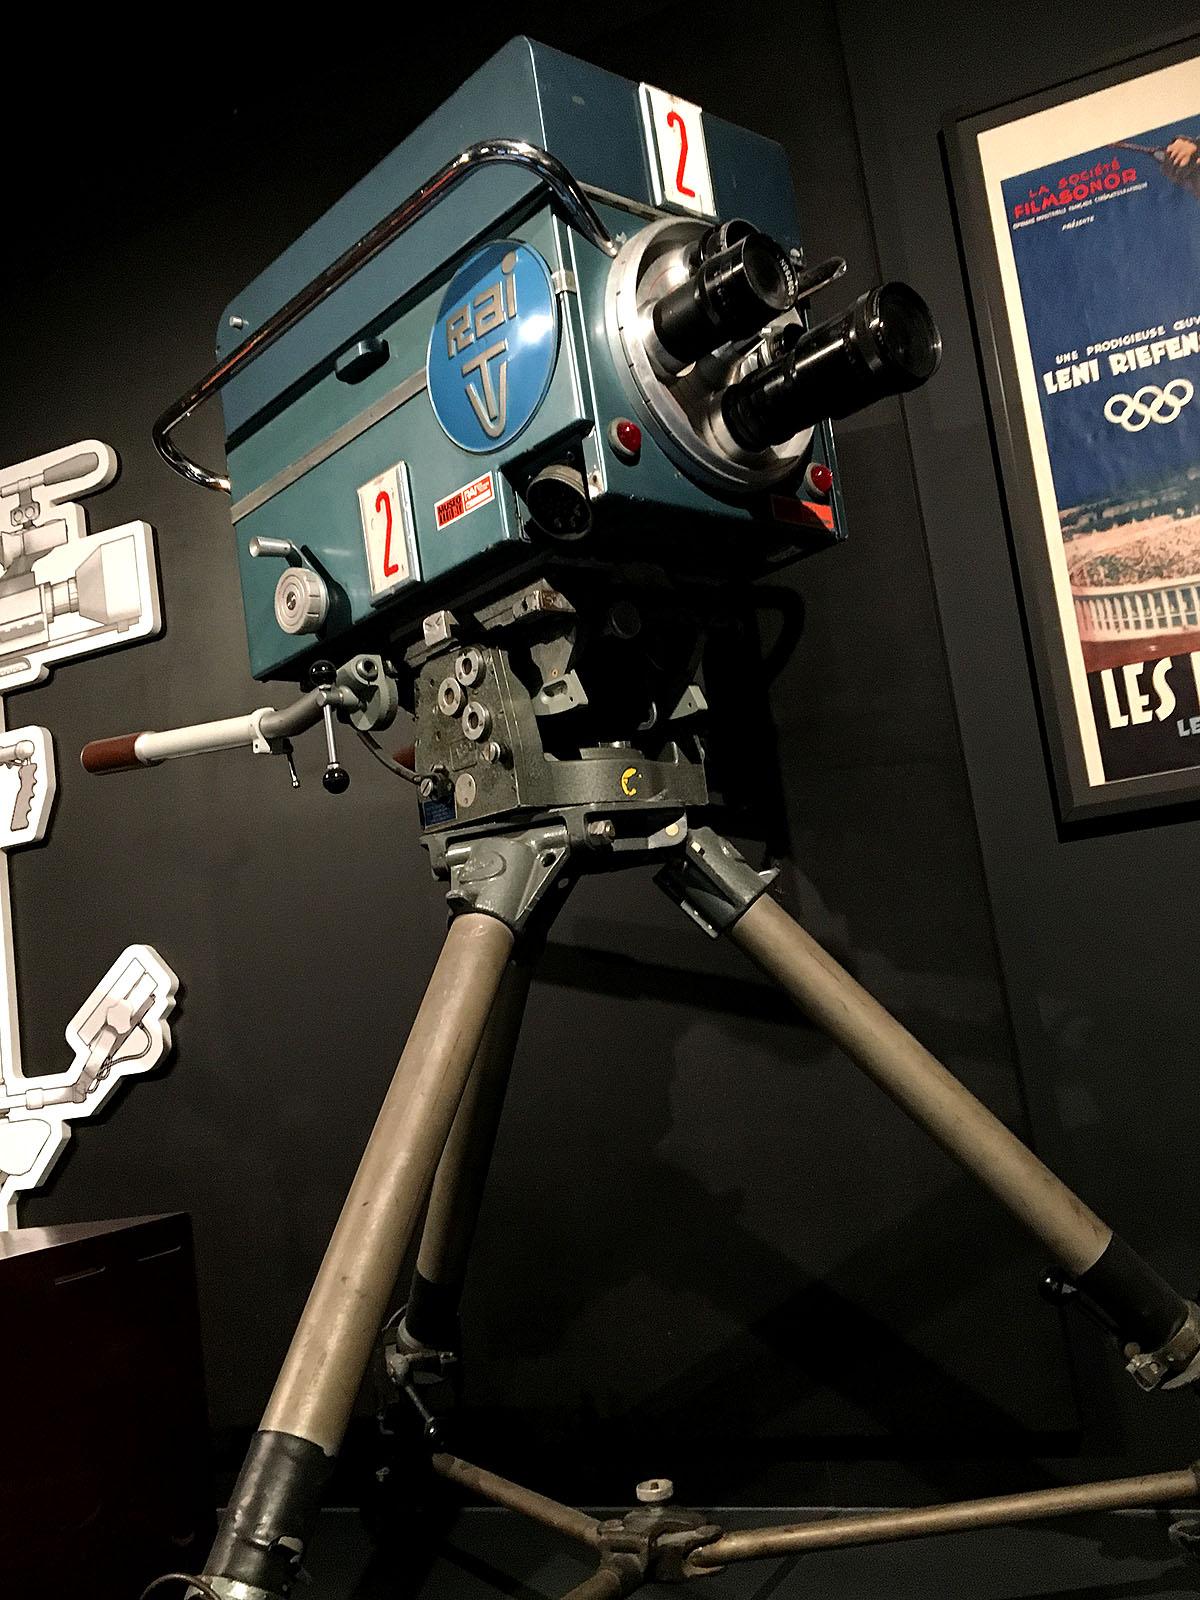 RAI (Italian) Tv camera